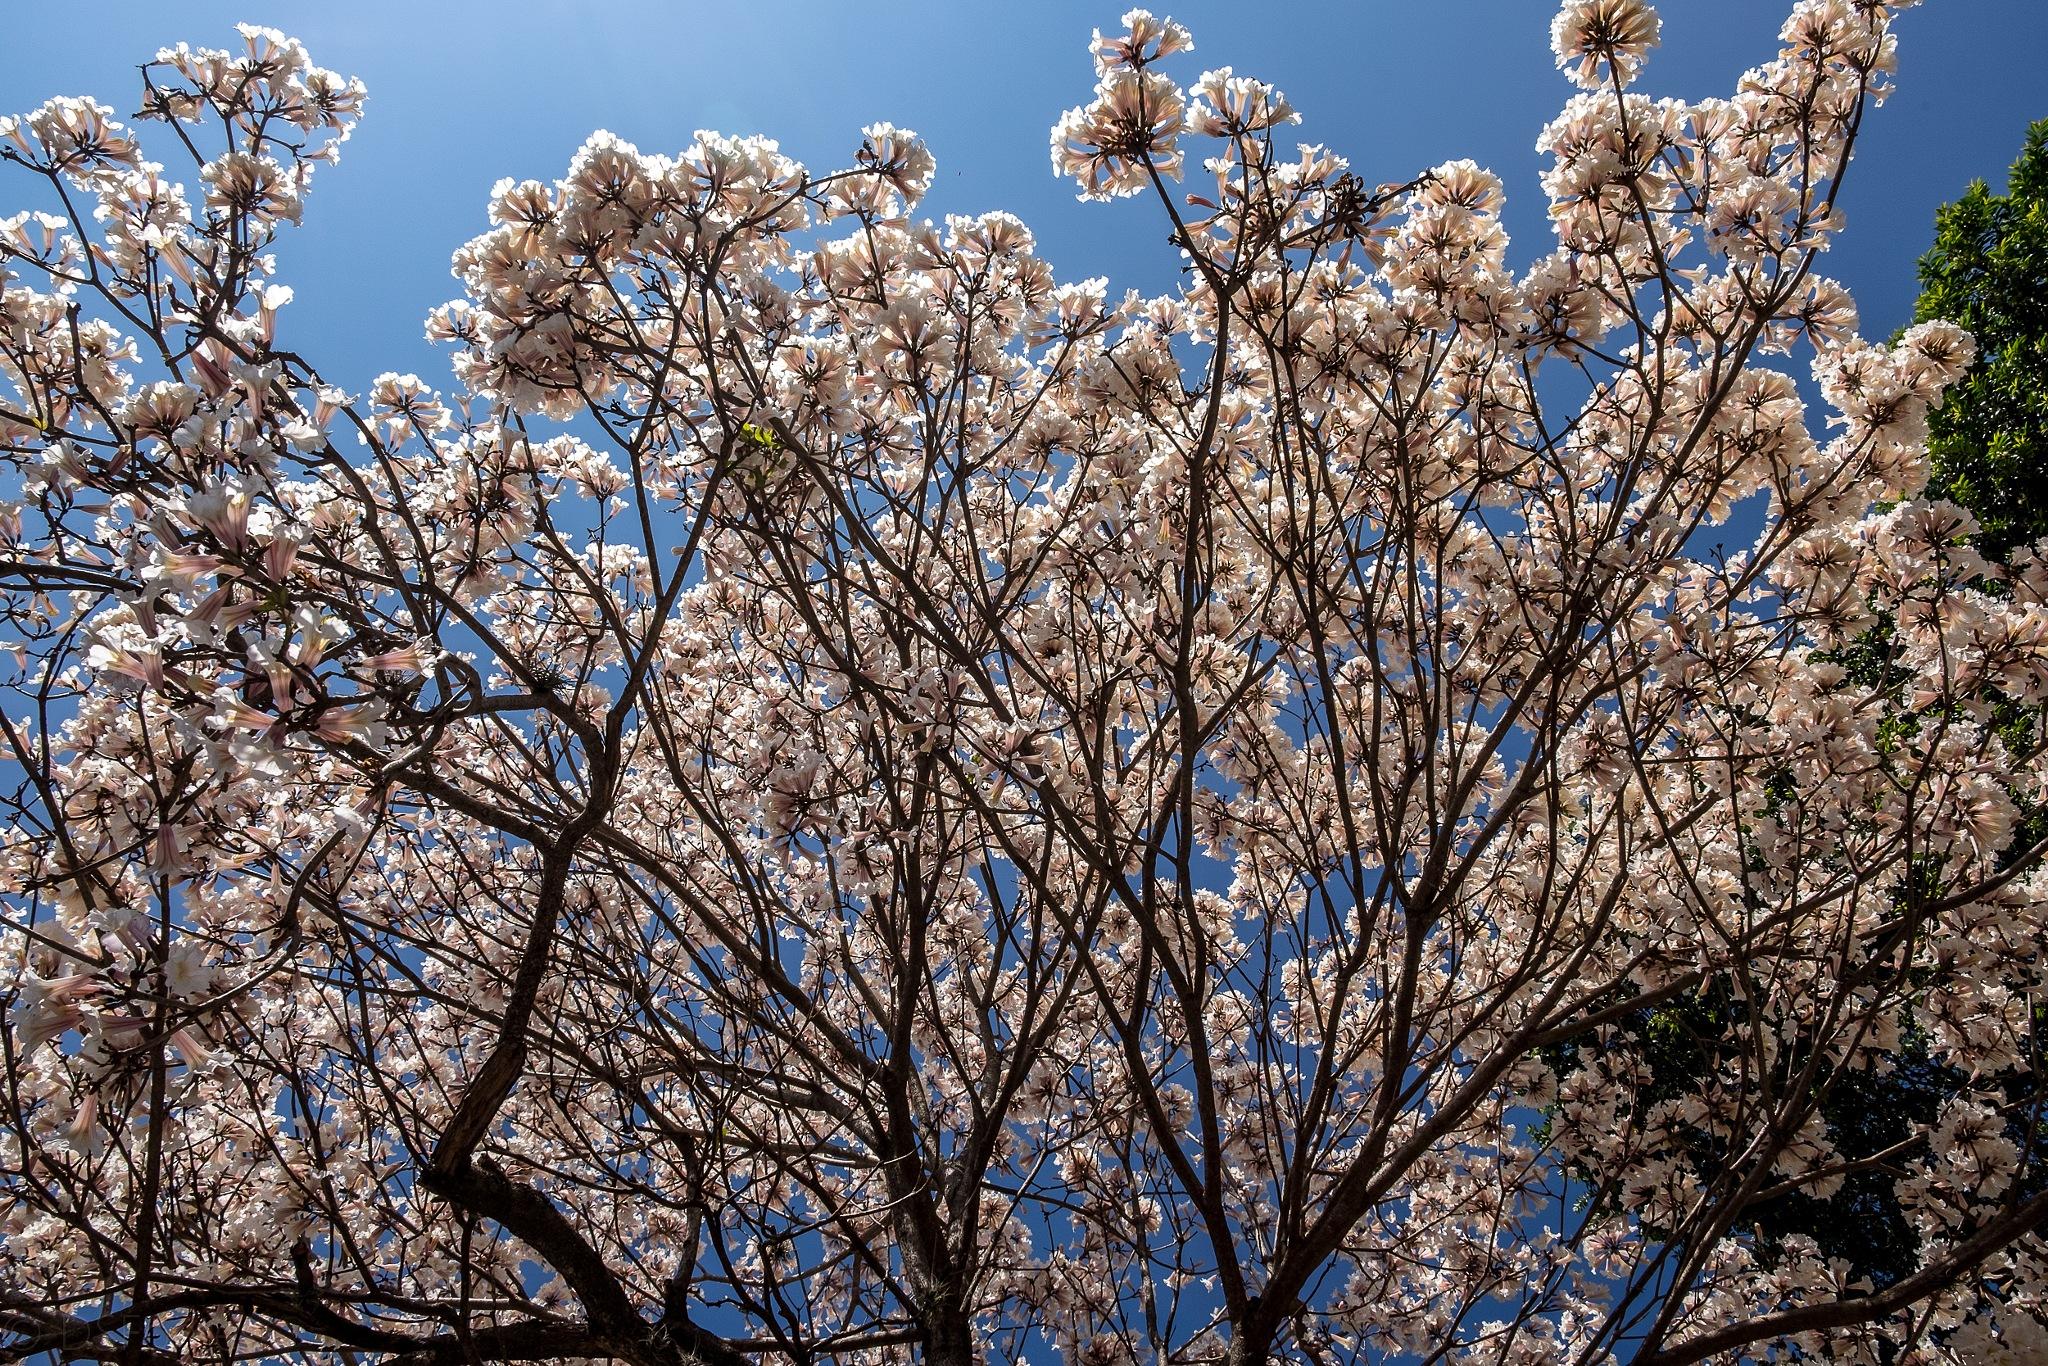 White Ipê blossom by Doris Fontes